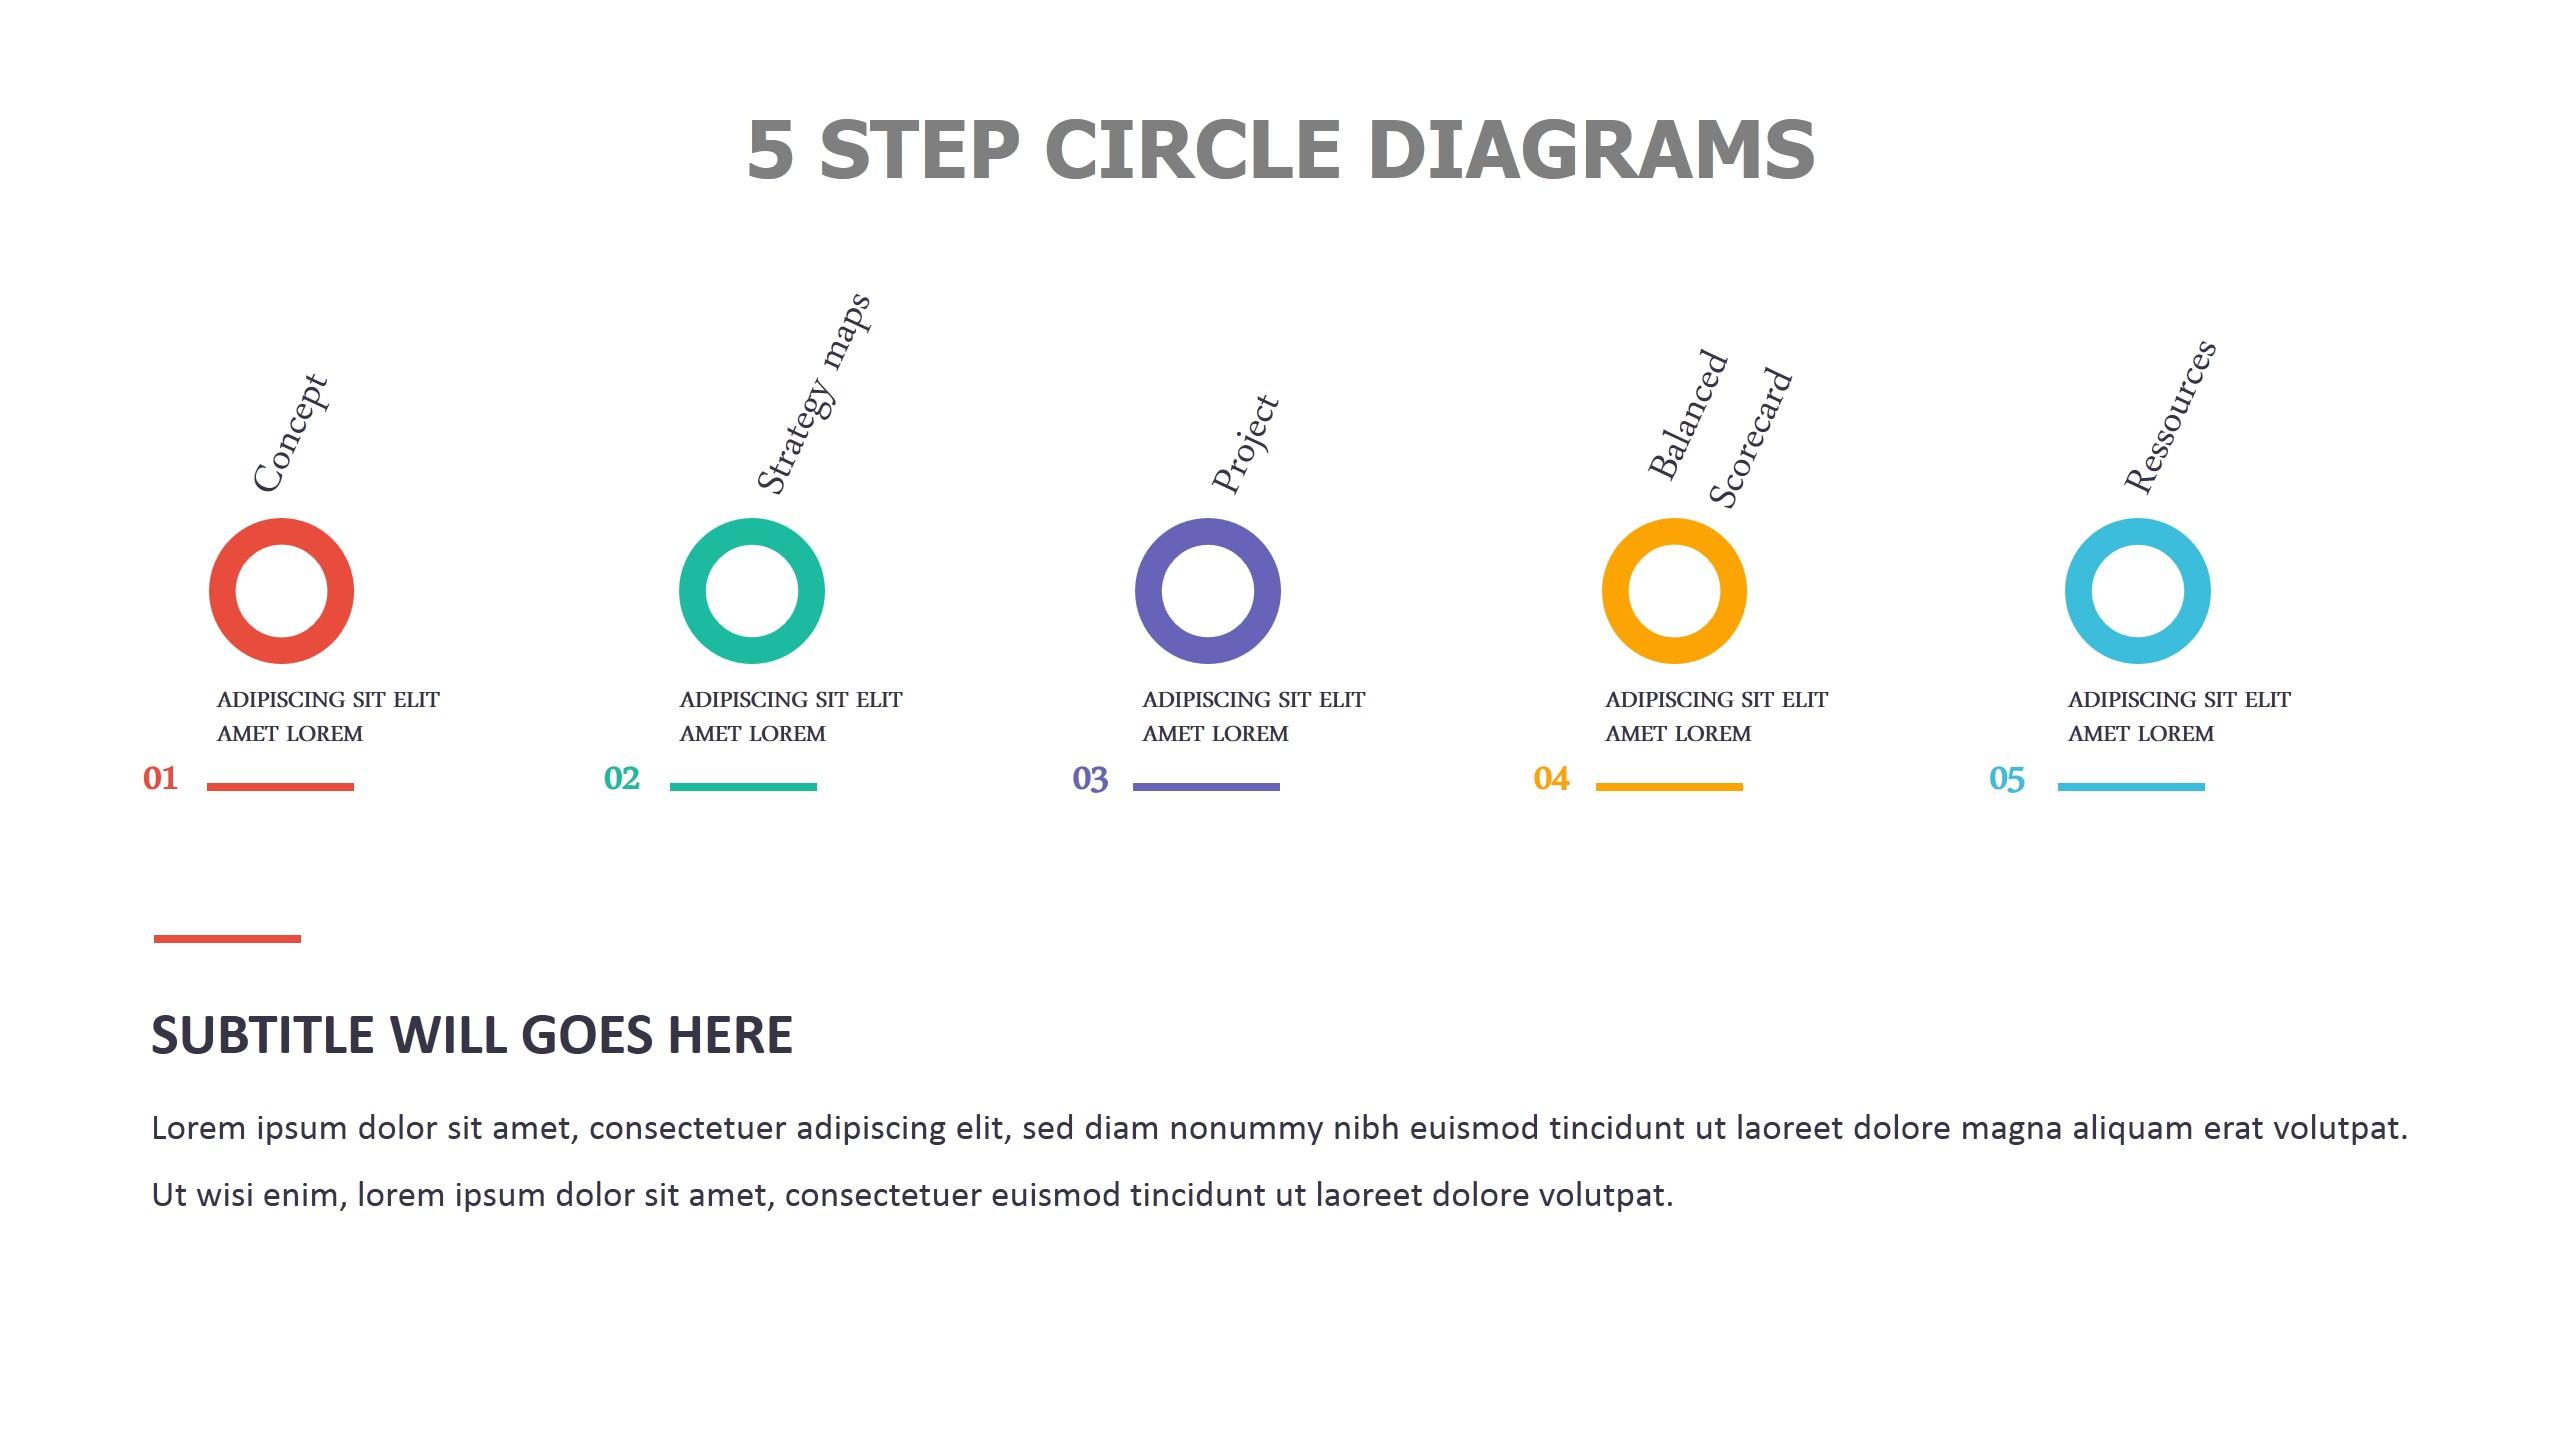 5 Step Circle Diagrams